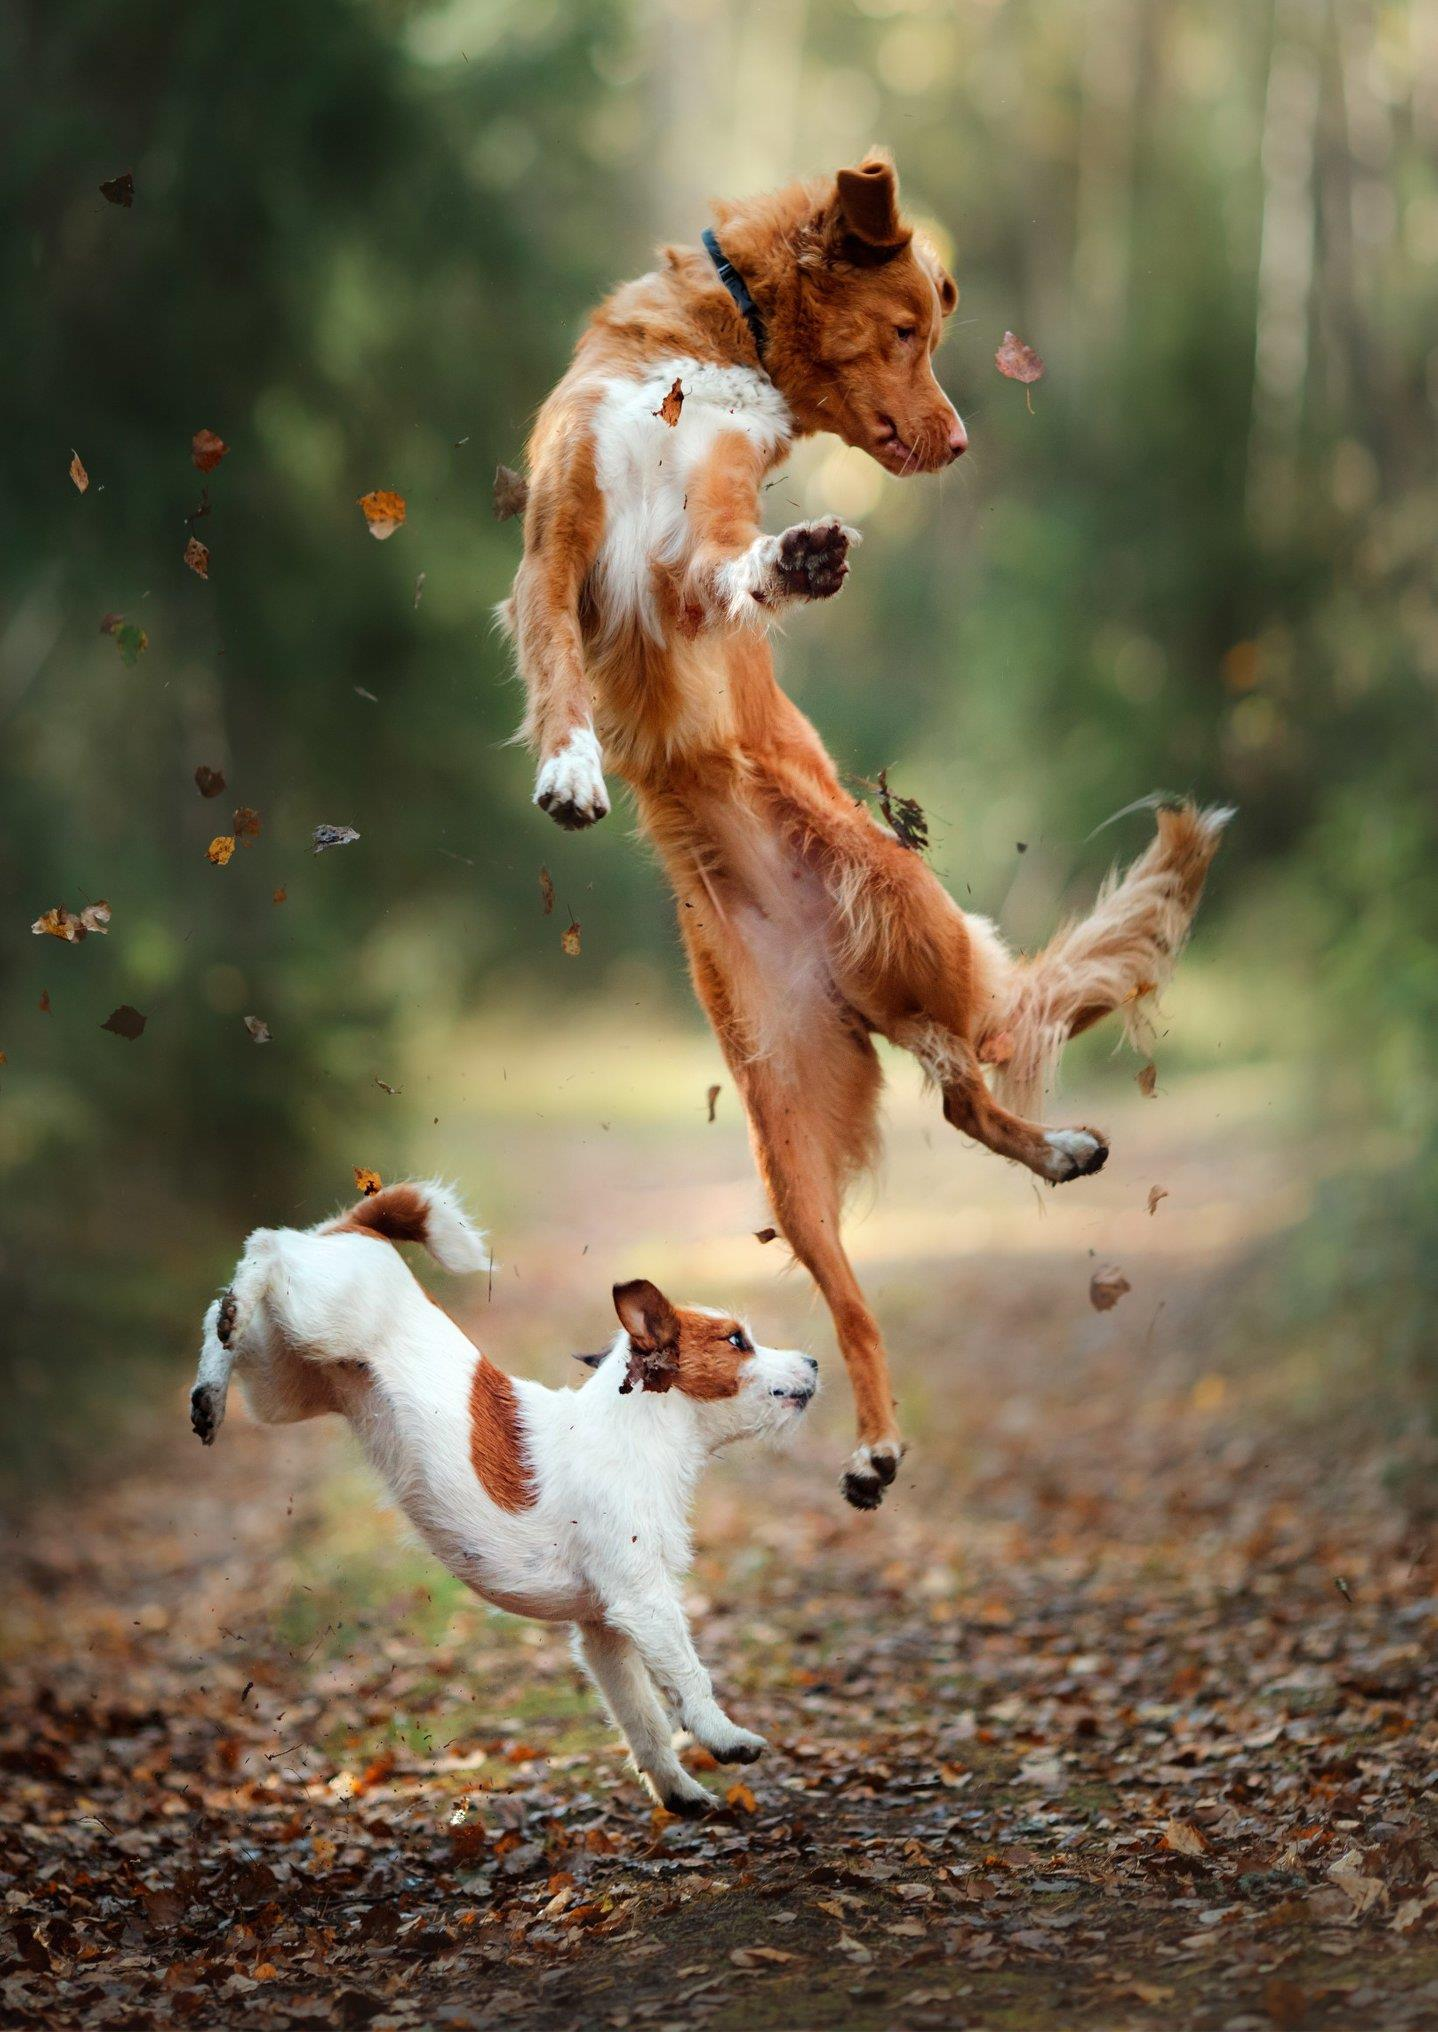 PlayStaytion Pet Resort and Training